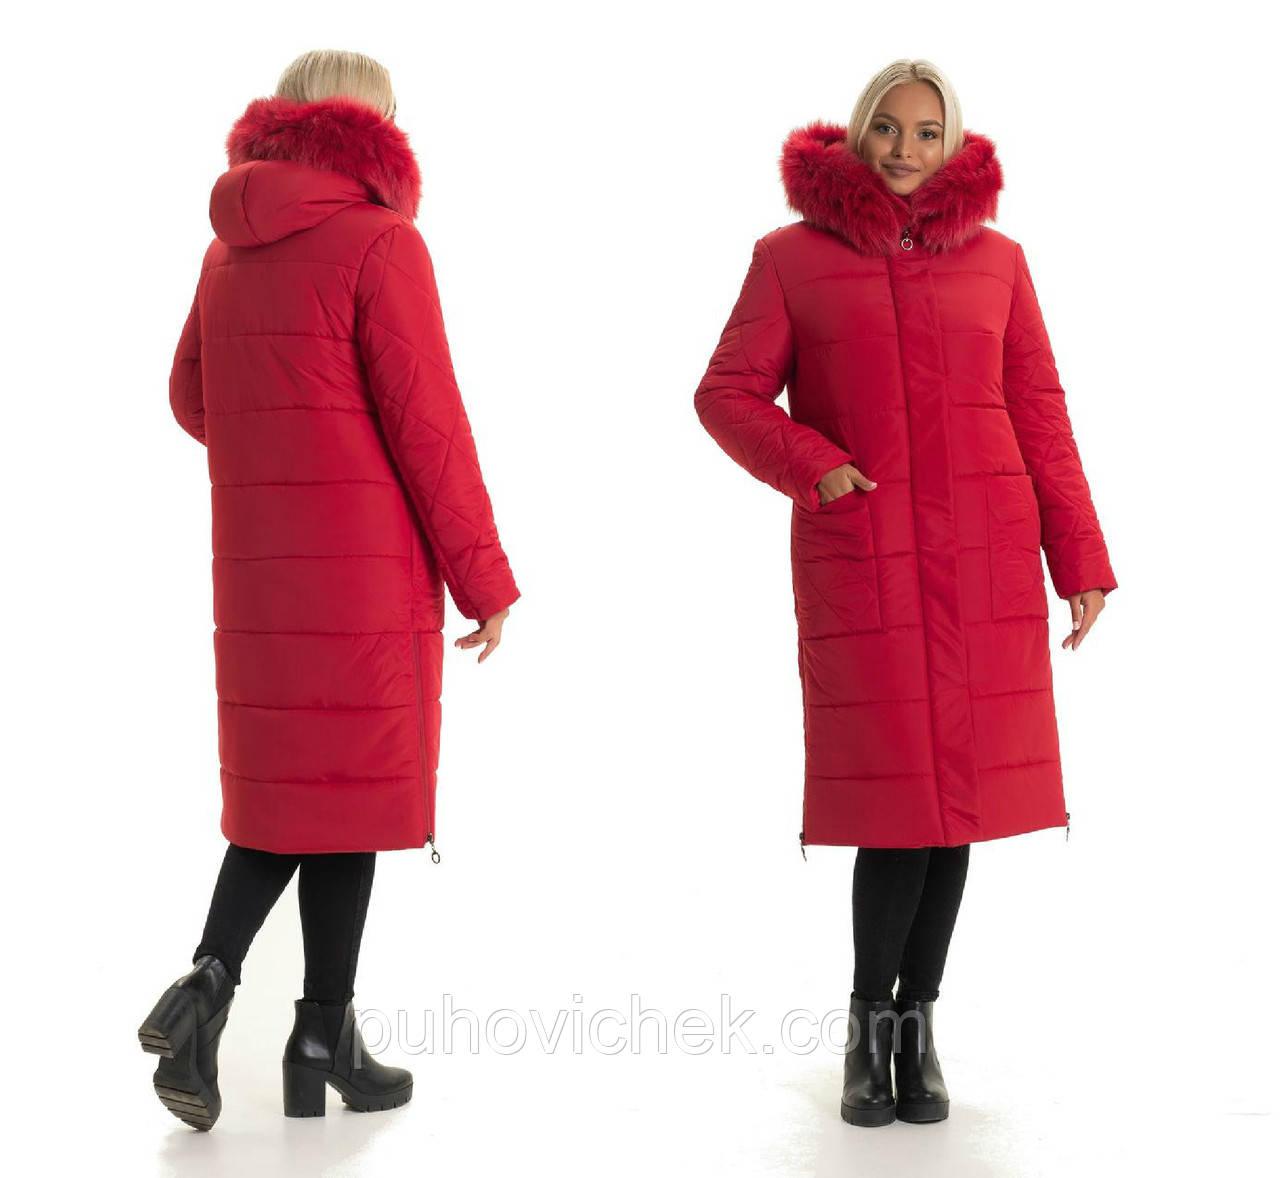 Подовжені жіночі зимові куртки і пуховики розміри 46,48,50